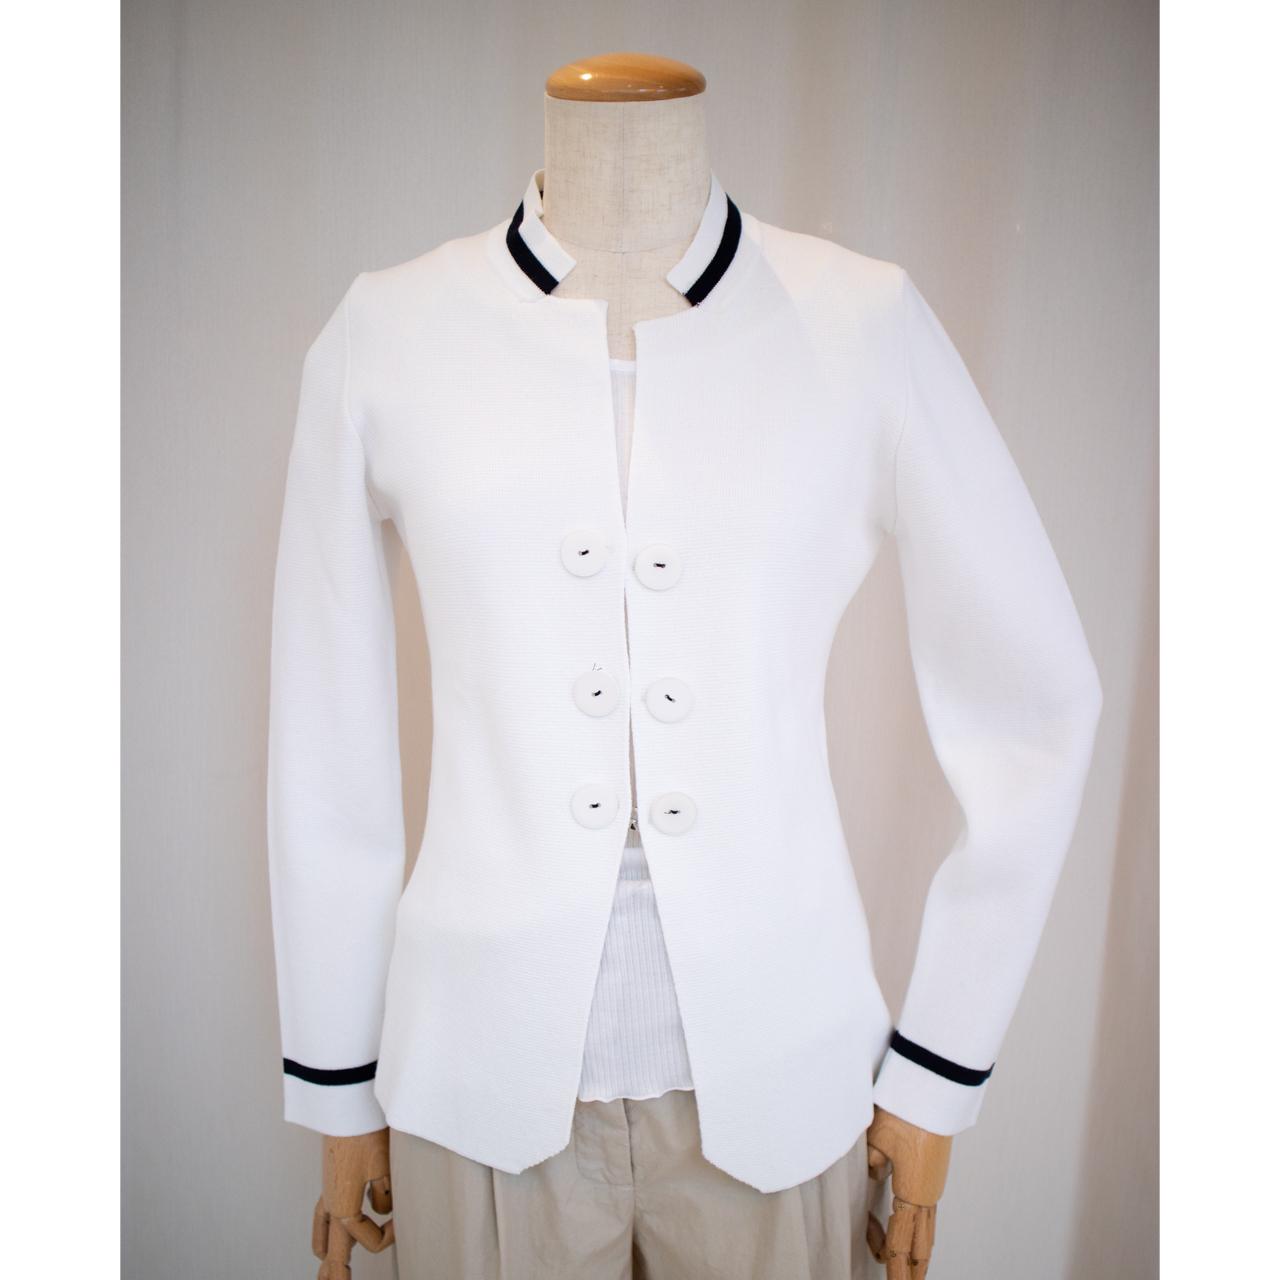 No.000093 ニットジャケット<ホワイト>ビスコース・ナイロン【INTRECCI】